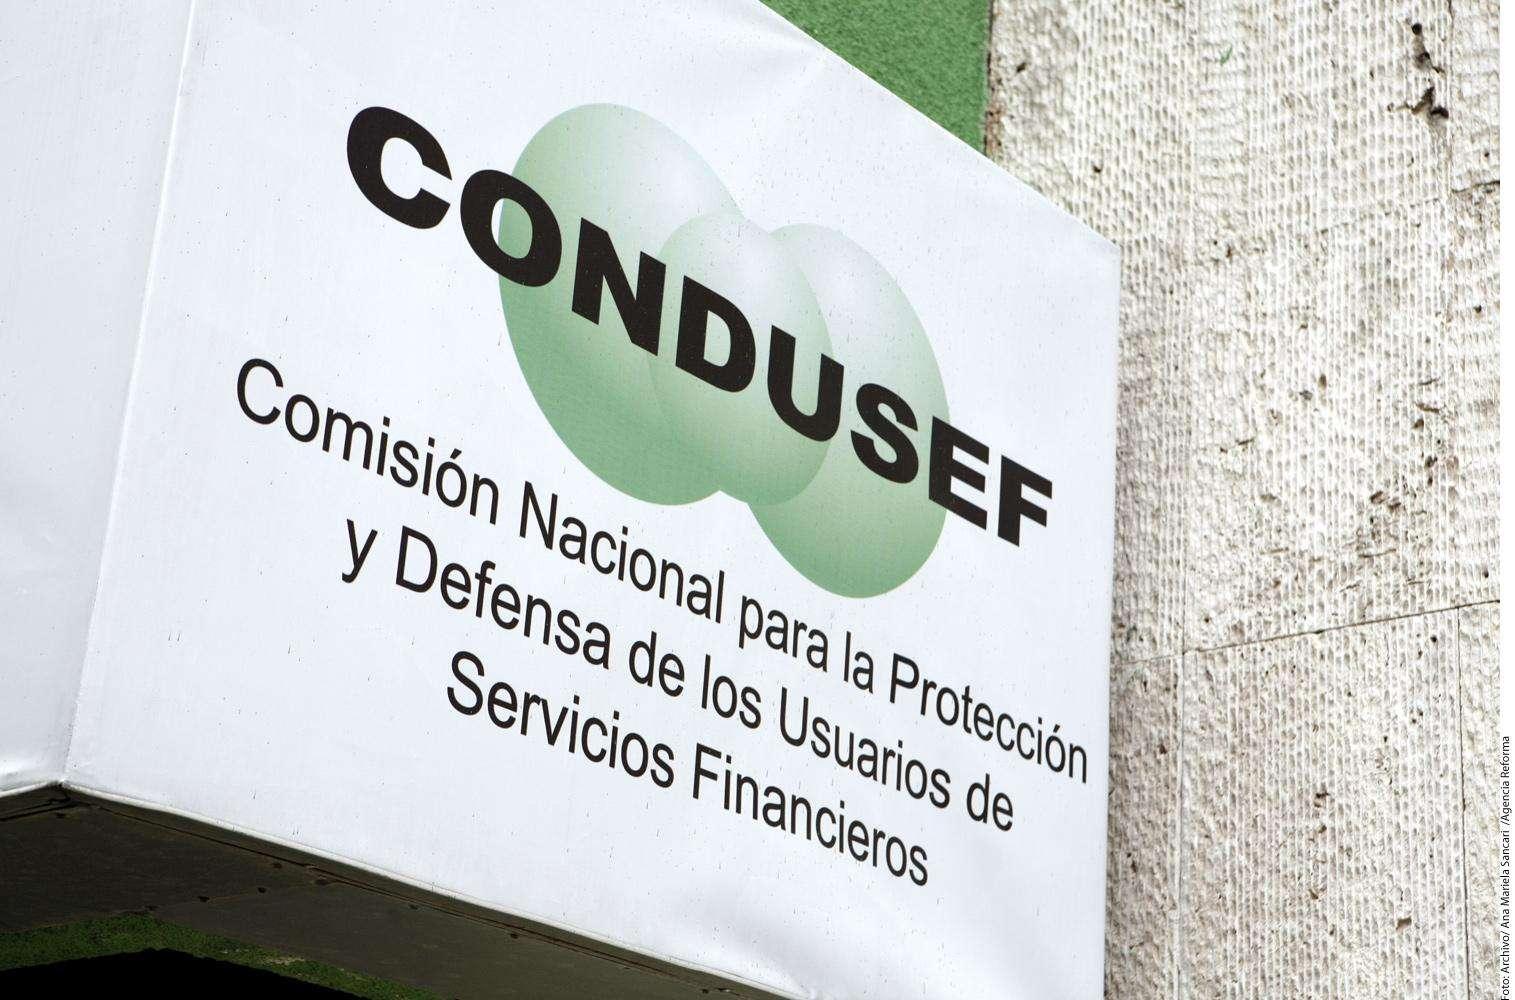 Condusef Foto: Agencia Reforma